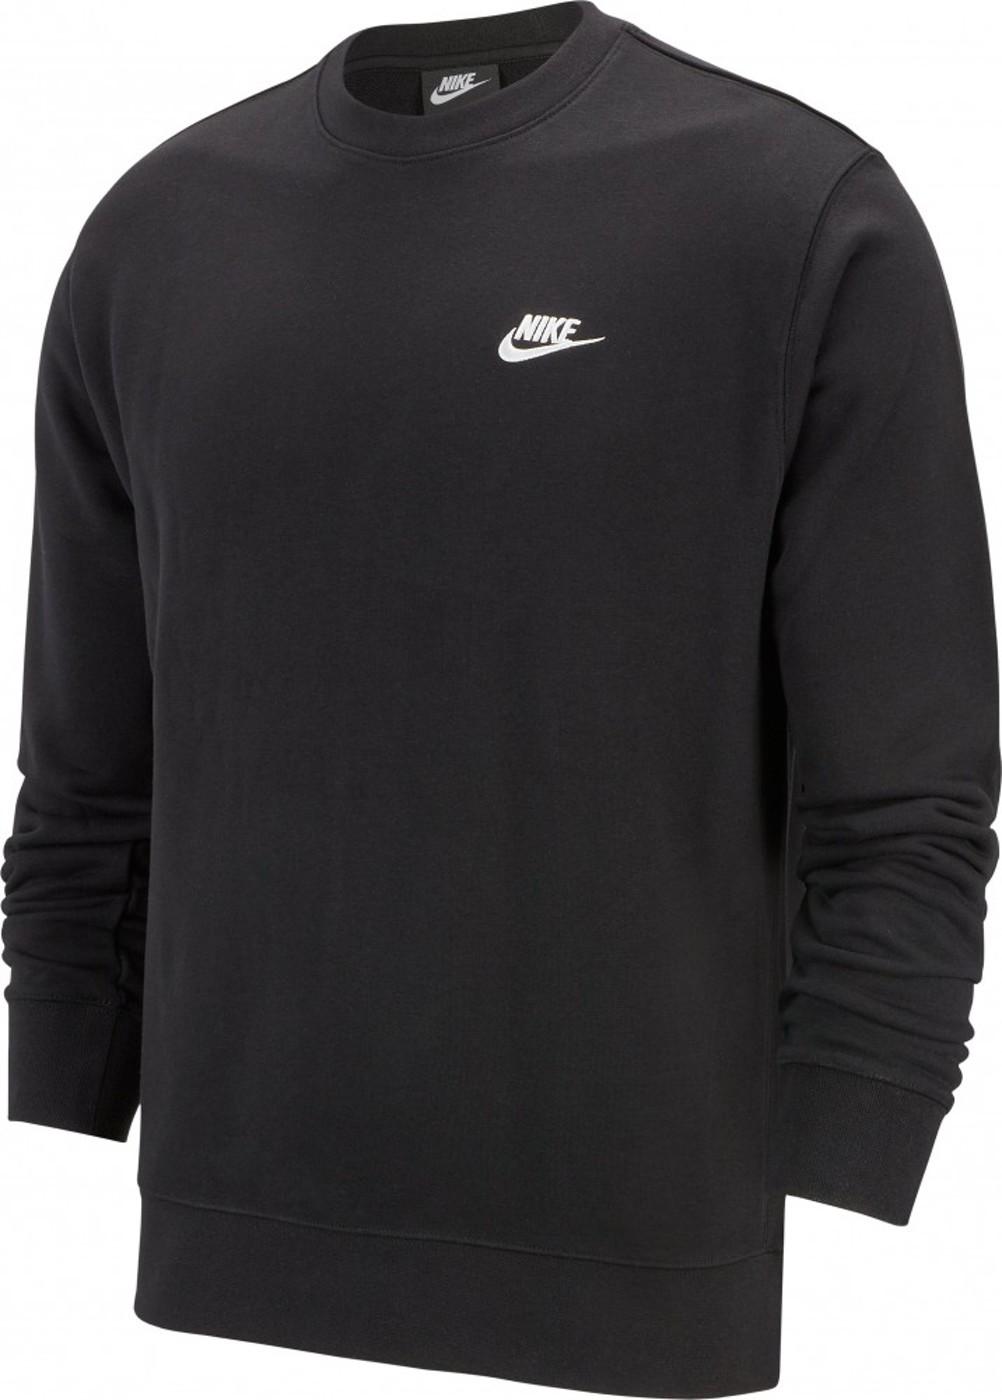 Nike Sportswear Club Fre - Herren